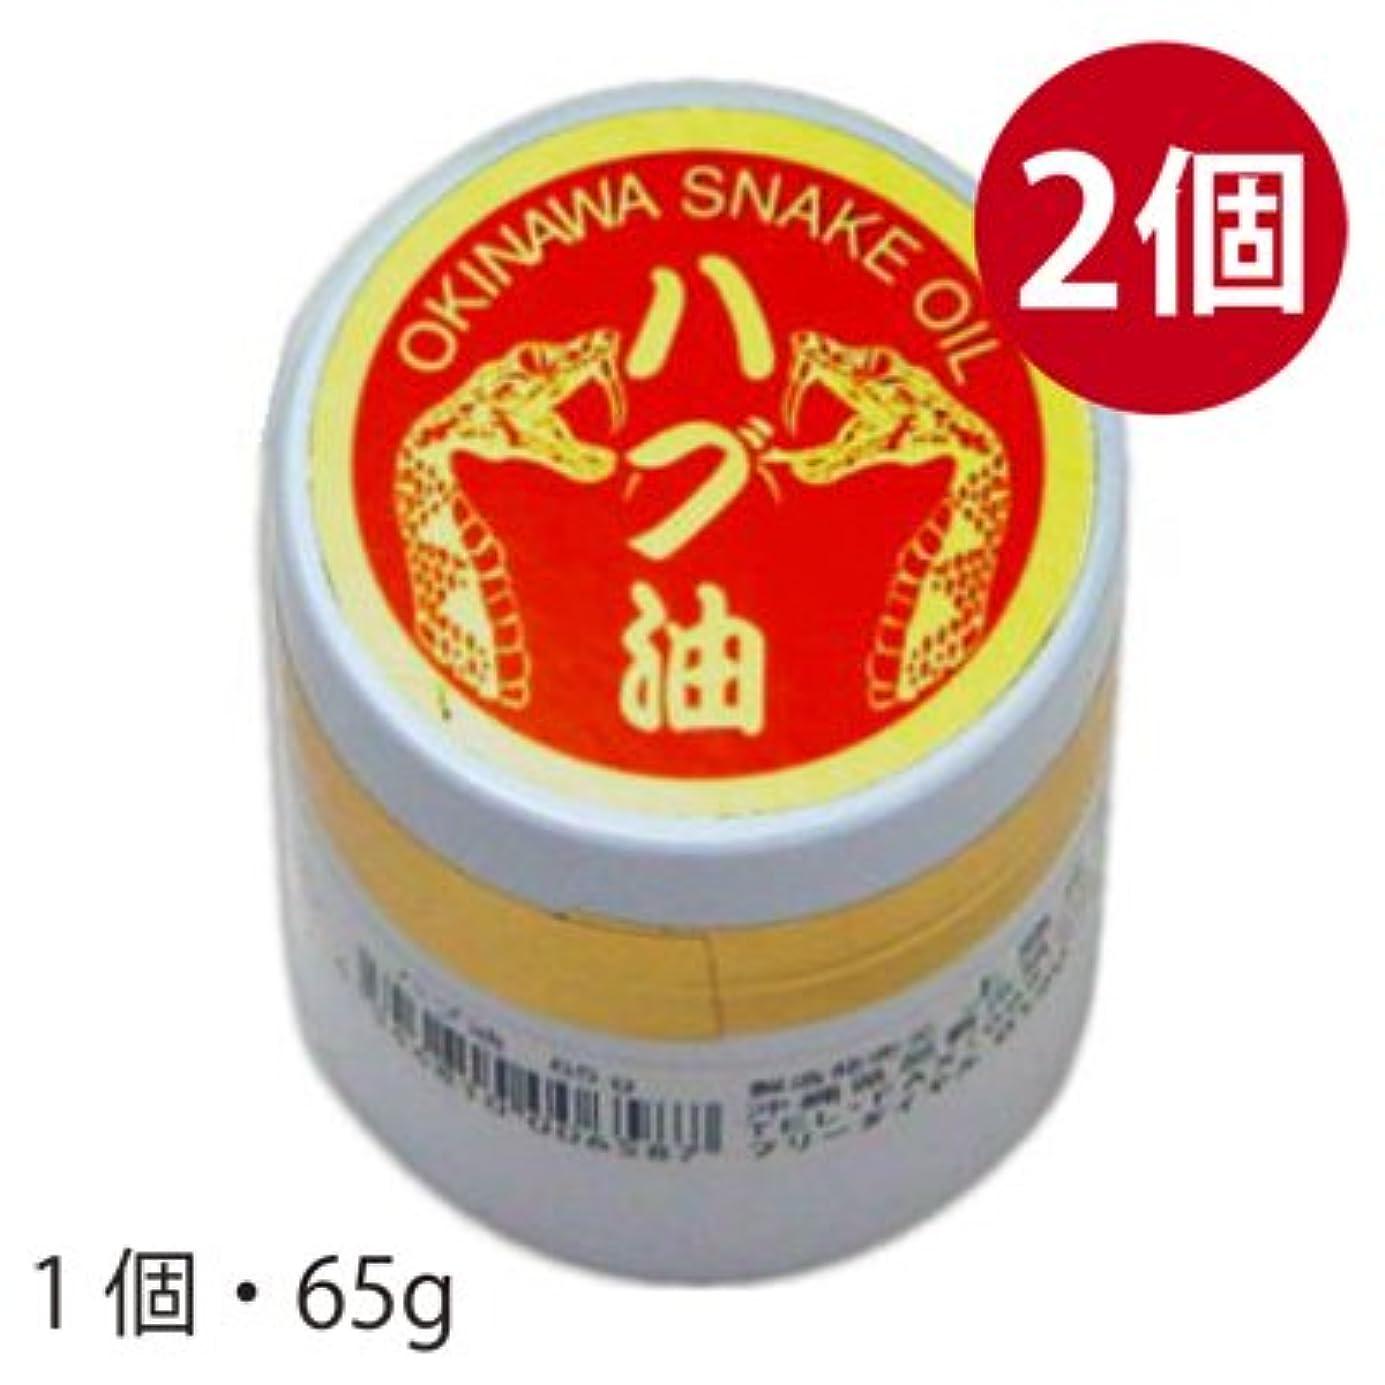 消化寛大な宙返り沖縄県産 ハブ油軟膏タイプ 65g×2個